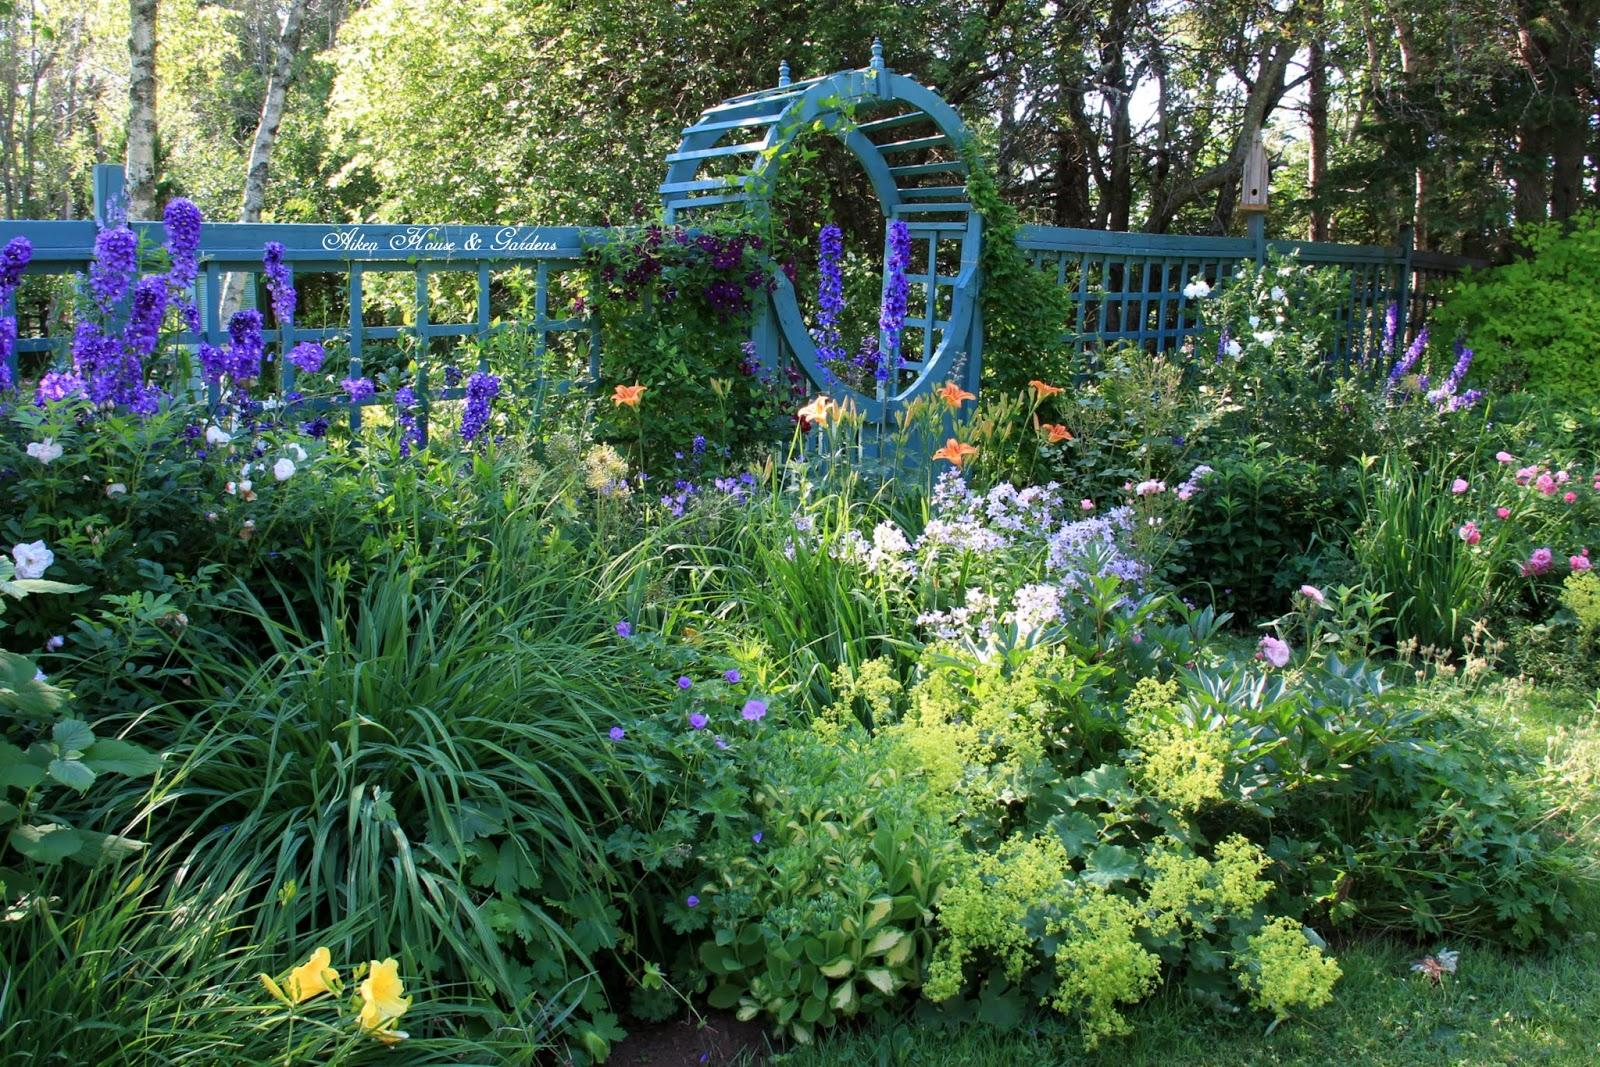 Záhrada,ktorá ťa nikdy neomrzí...divoká a krásna - Obrázok č. 194